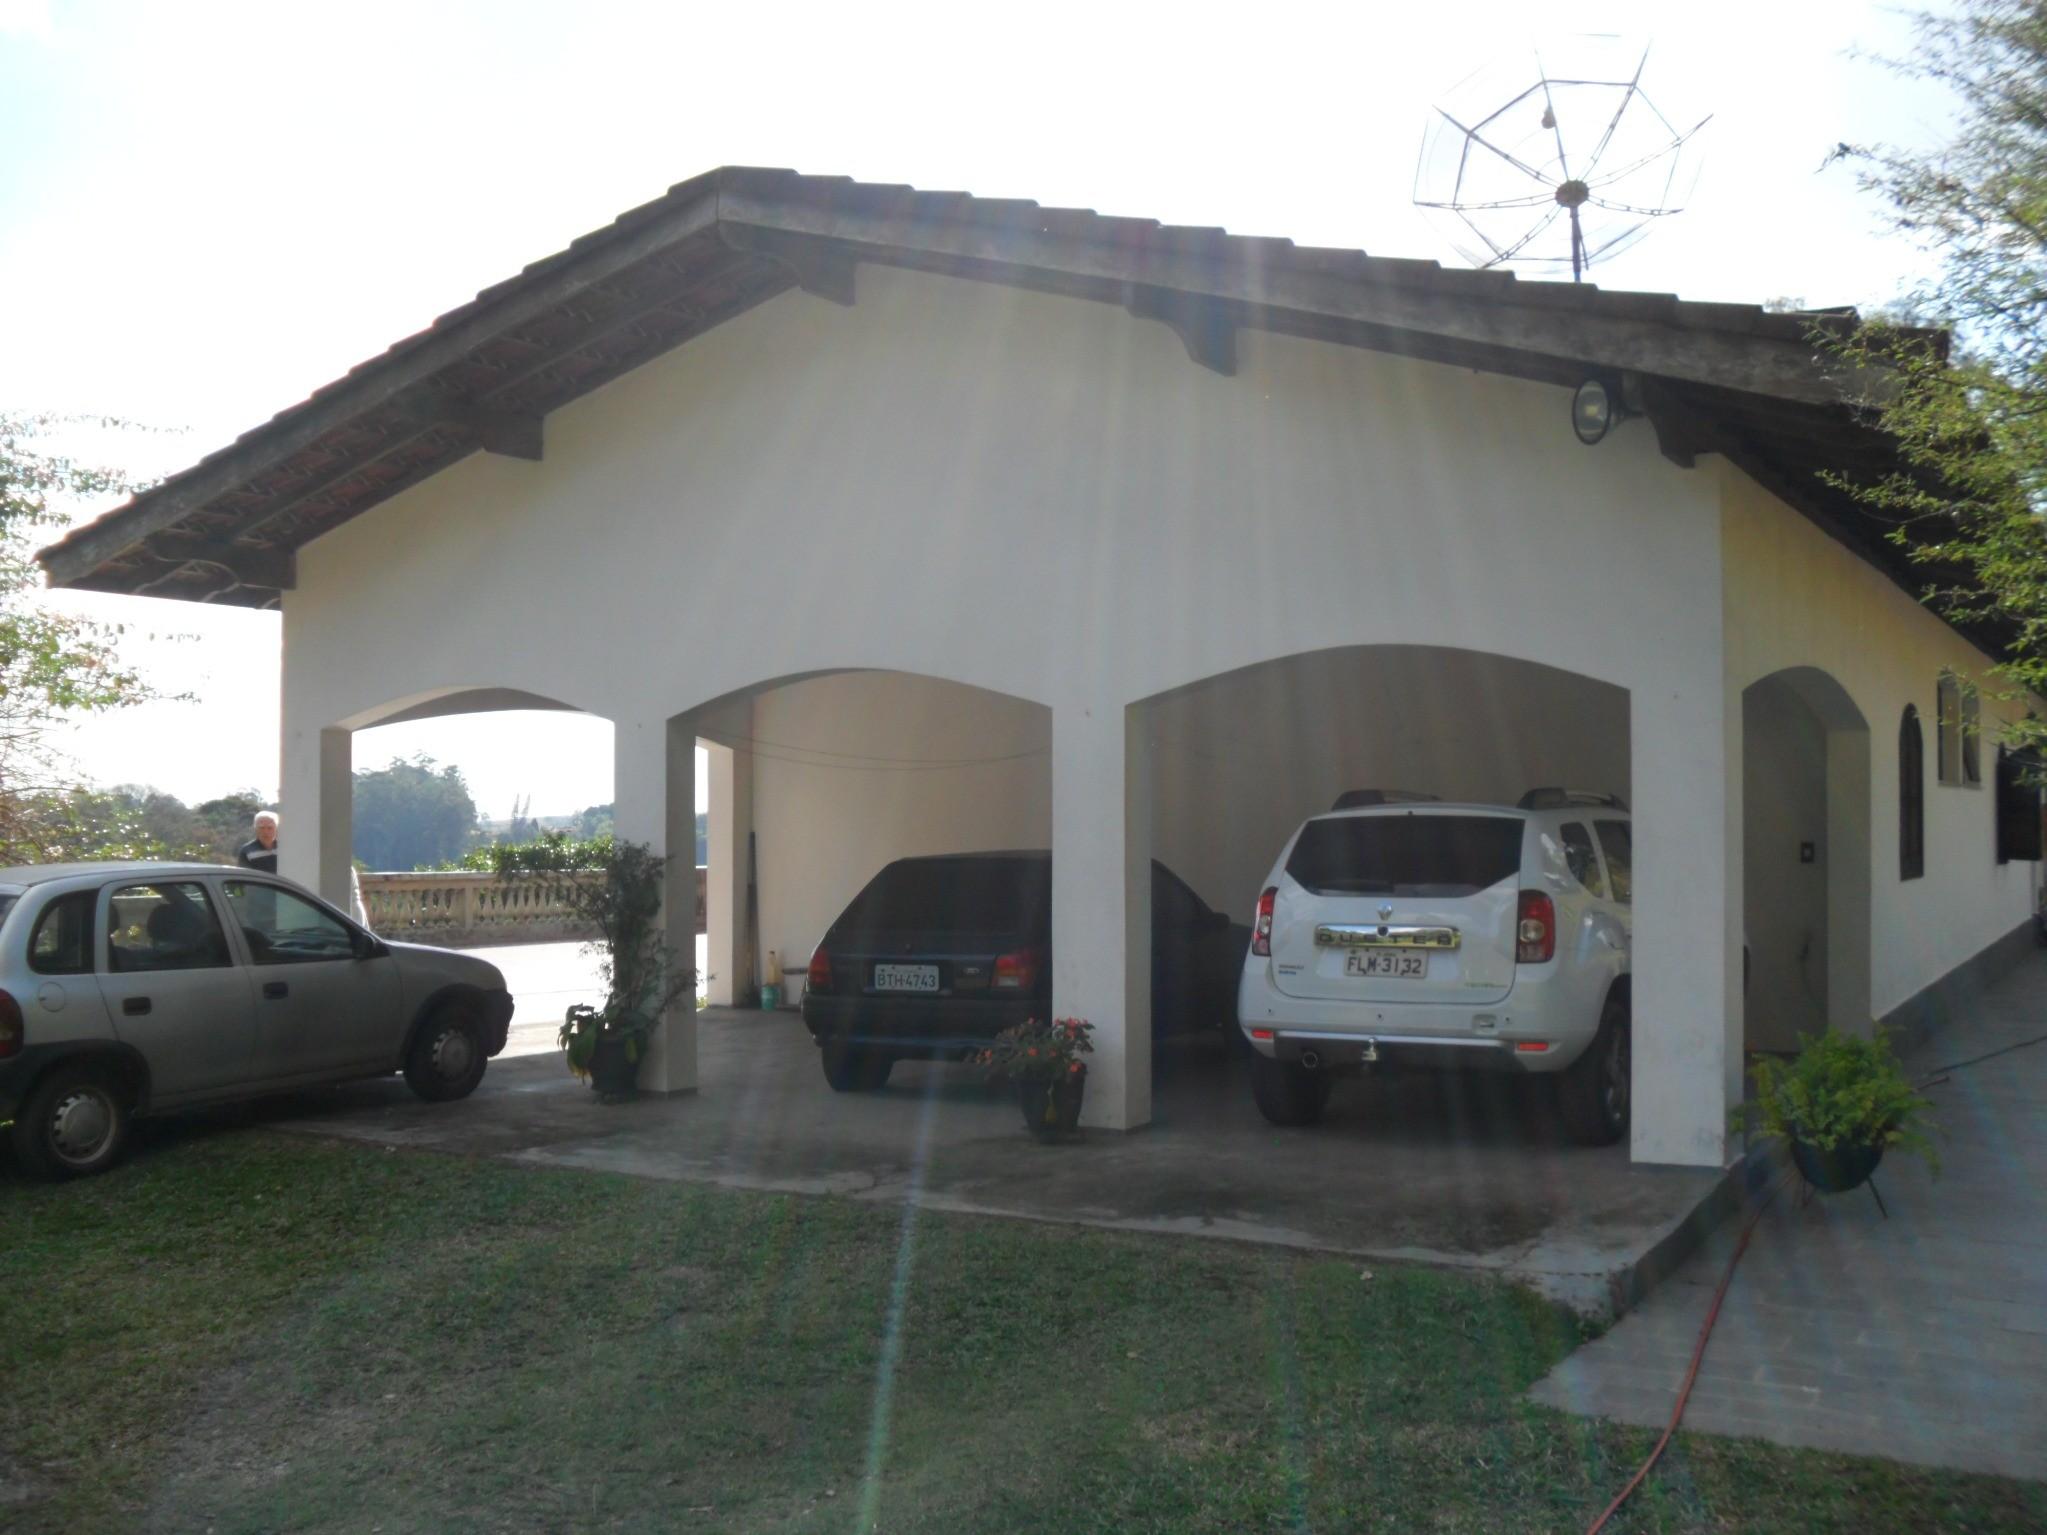 Total Imóveis - Chácara 4 Dorm, Colônia, Jundiaí - Foto 2